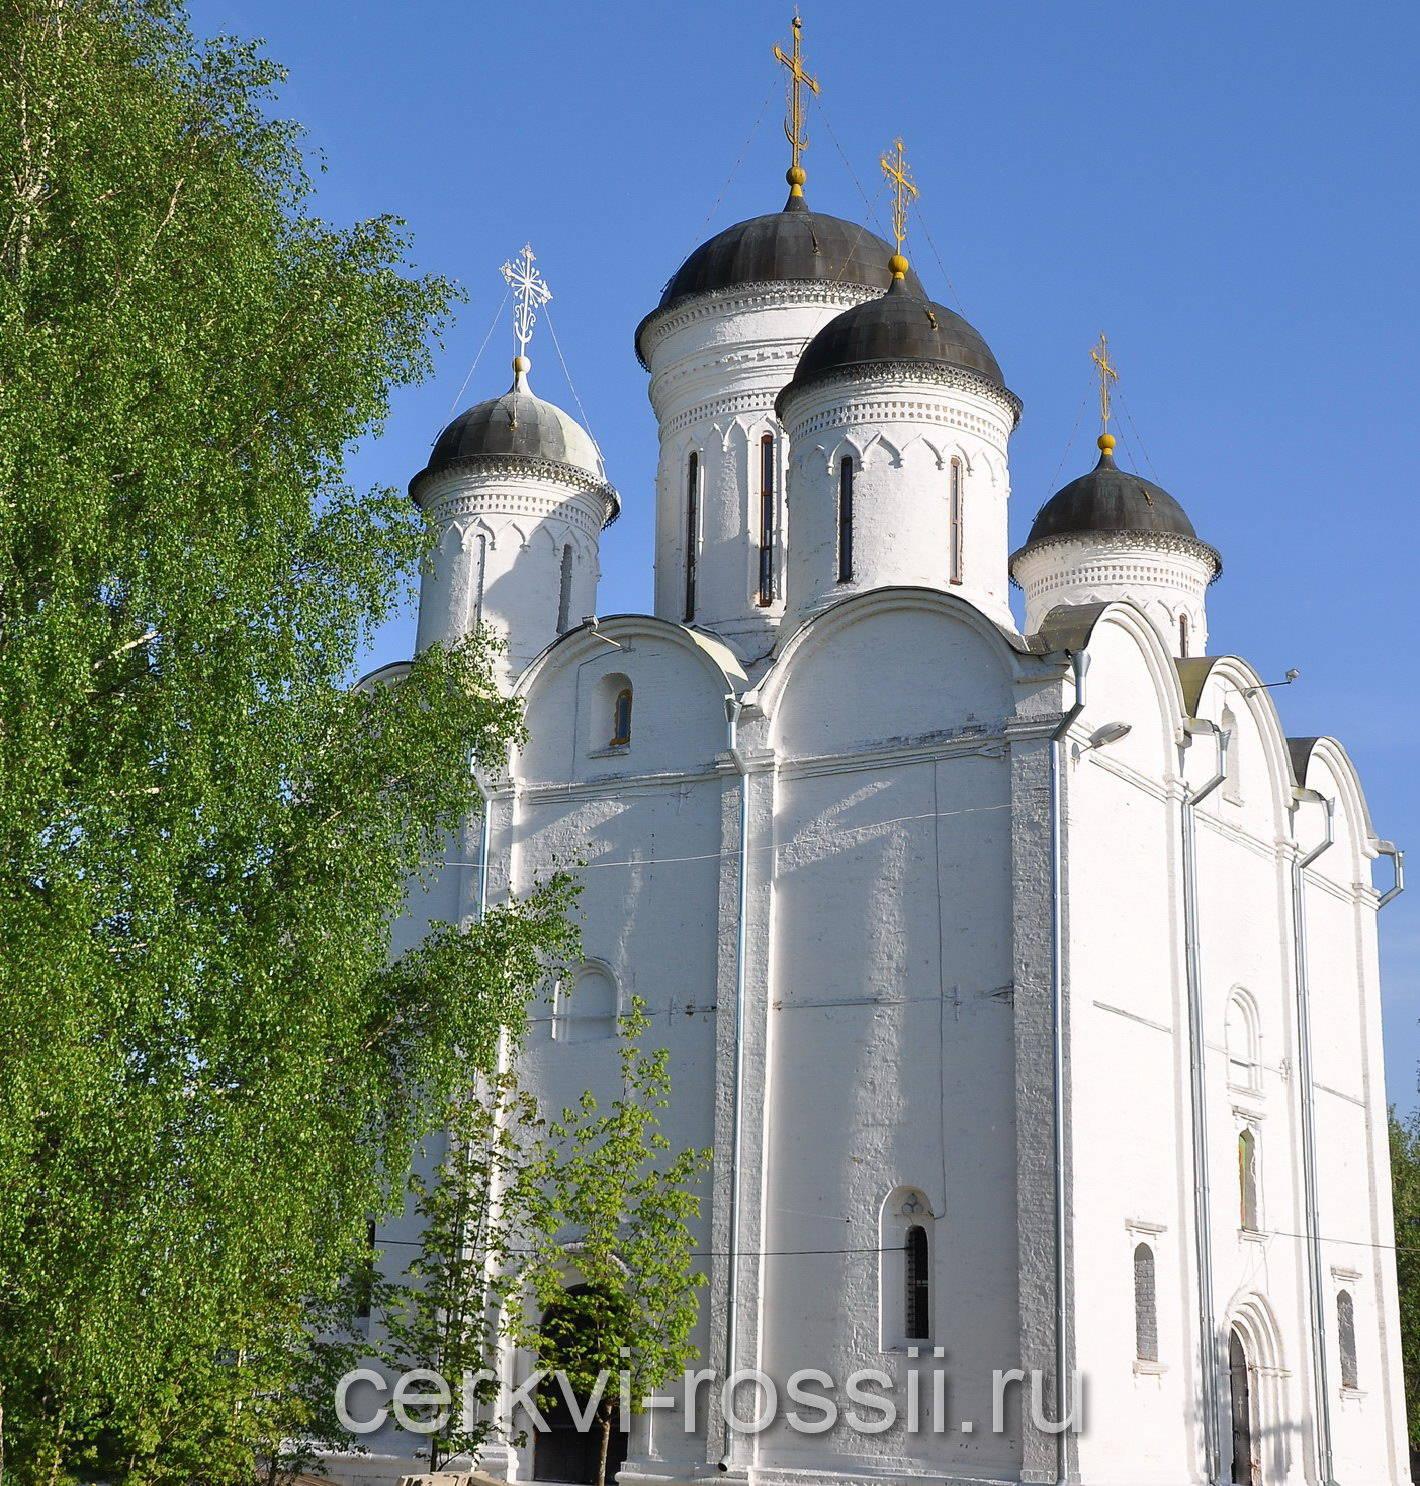 Собор Михаила Архангела с Микулино Городище